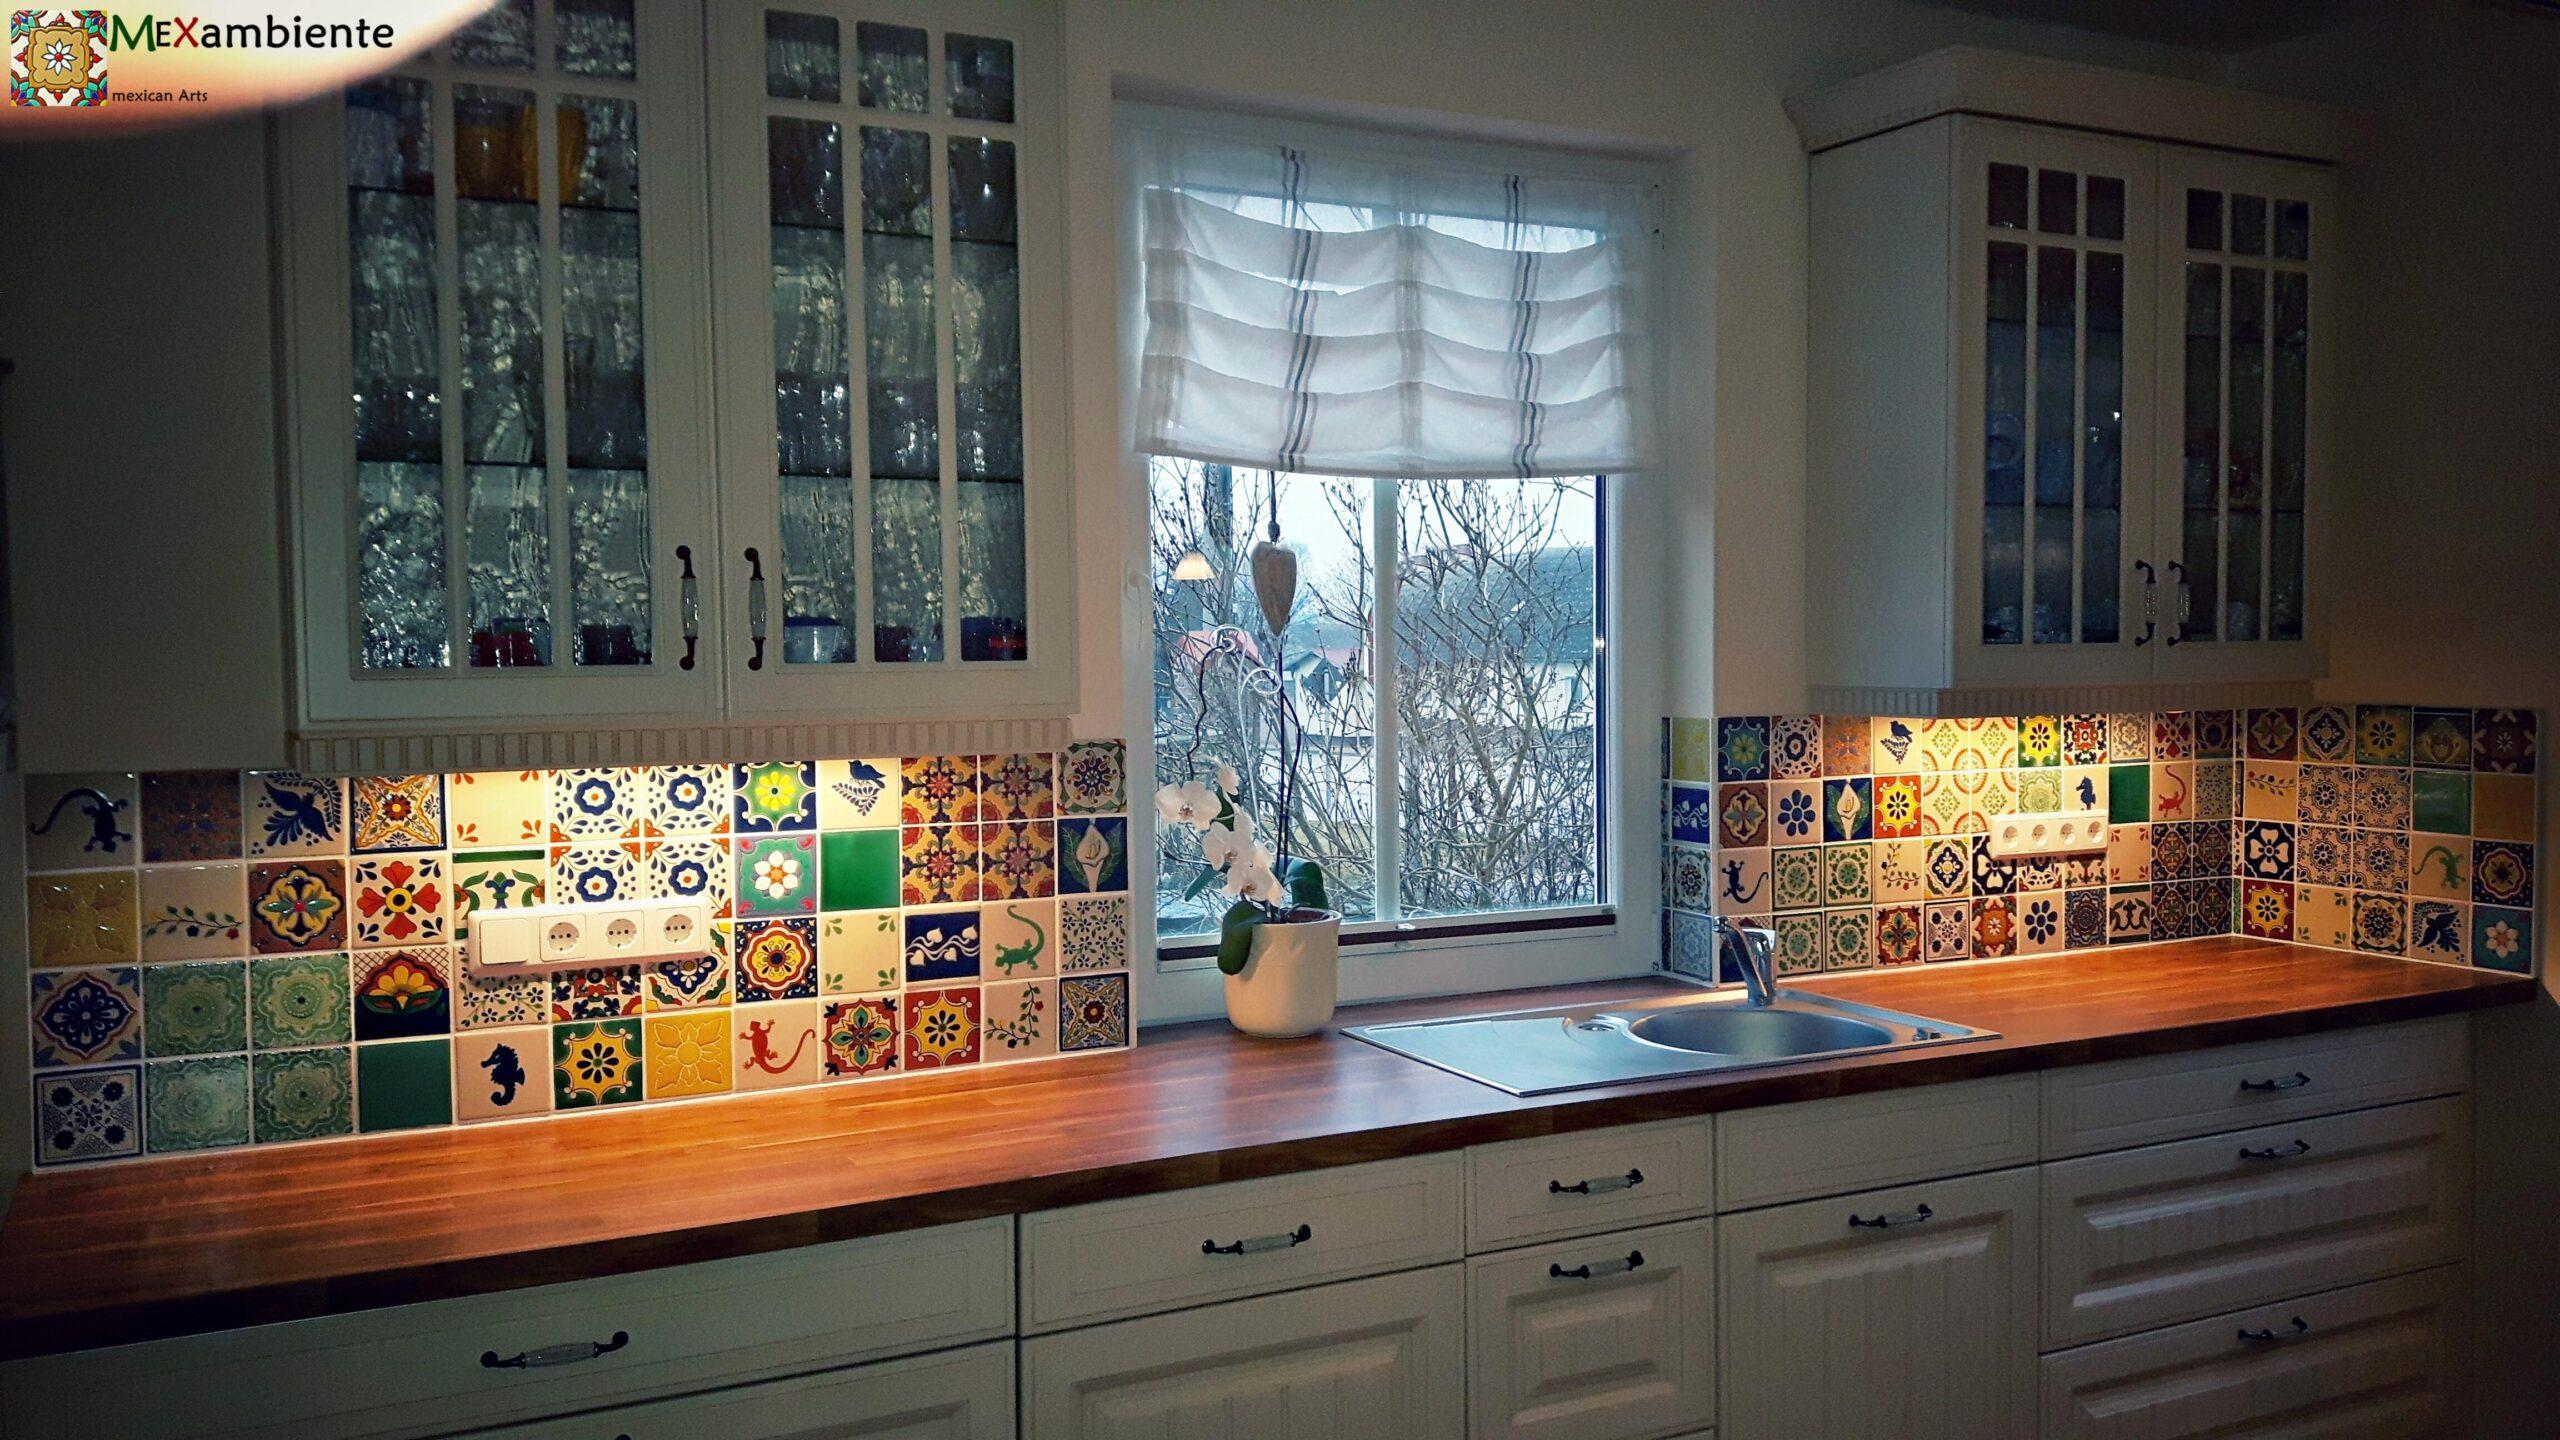 Full Size of Fliesen Küche Bunte Bilder Ideen Couch Grifflose Vinyl Unterschrank Obi Einbauküche Glaswand Wandsticker Deckenleuchte Beistellregal Weiß Hochglanz Sitzbank Wohnzimmer Fliesen Küche